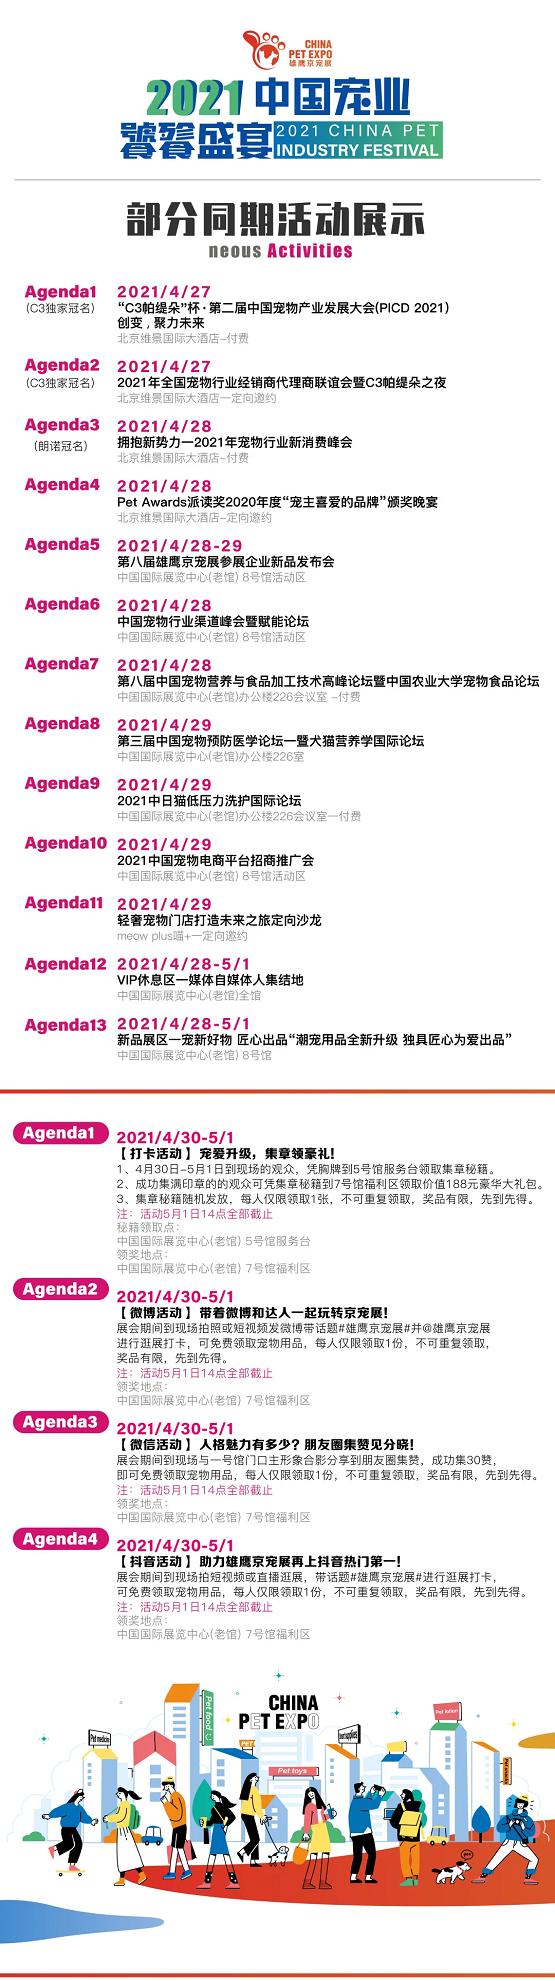 倒计时20天丨第八届雄鹰京宠展4月28日开幕,期待与您相约!